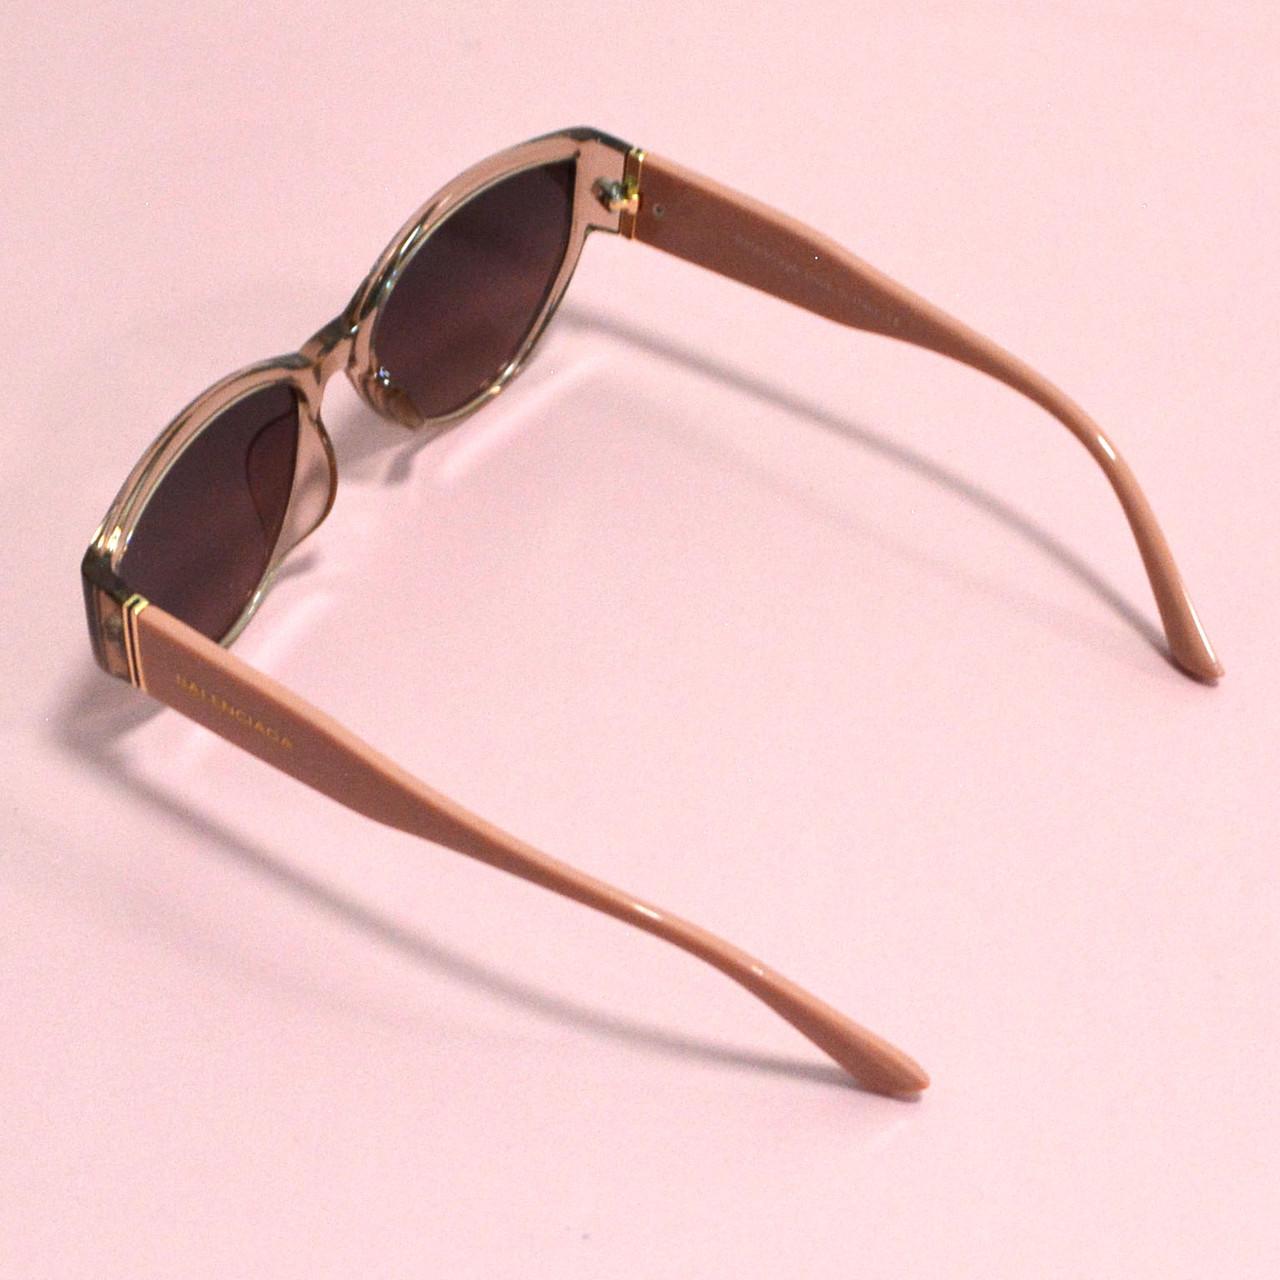 Солнцезащитные очки с коричневыми стеклами с широкой розовой дужкой Balenciaga 2125 - фото 8